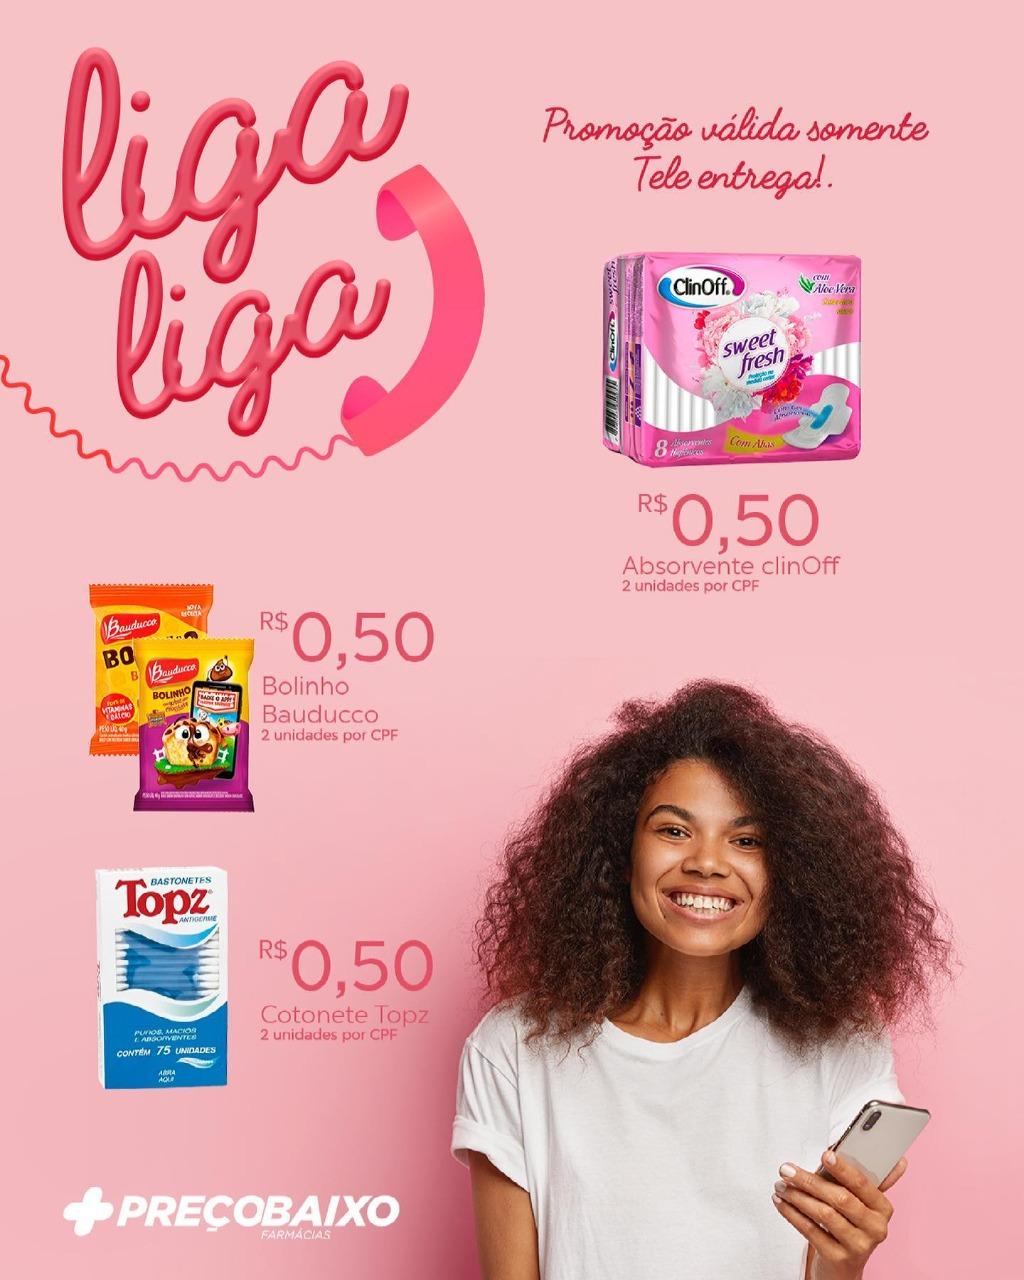 Farmácia Preço Baixo de Paraíso anuncia oferta de produtos a 50 centavos pelo tele entrega